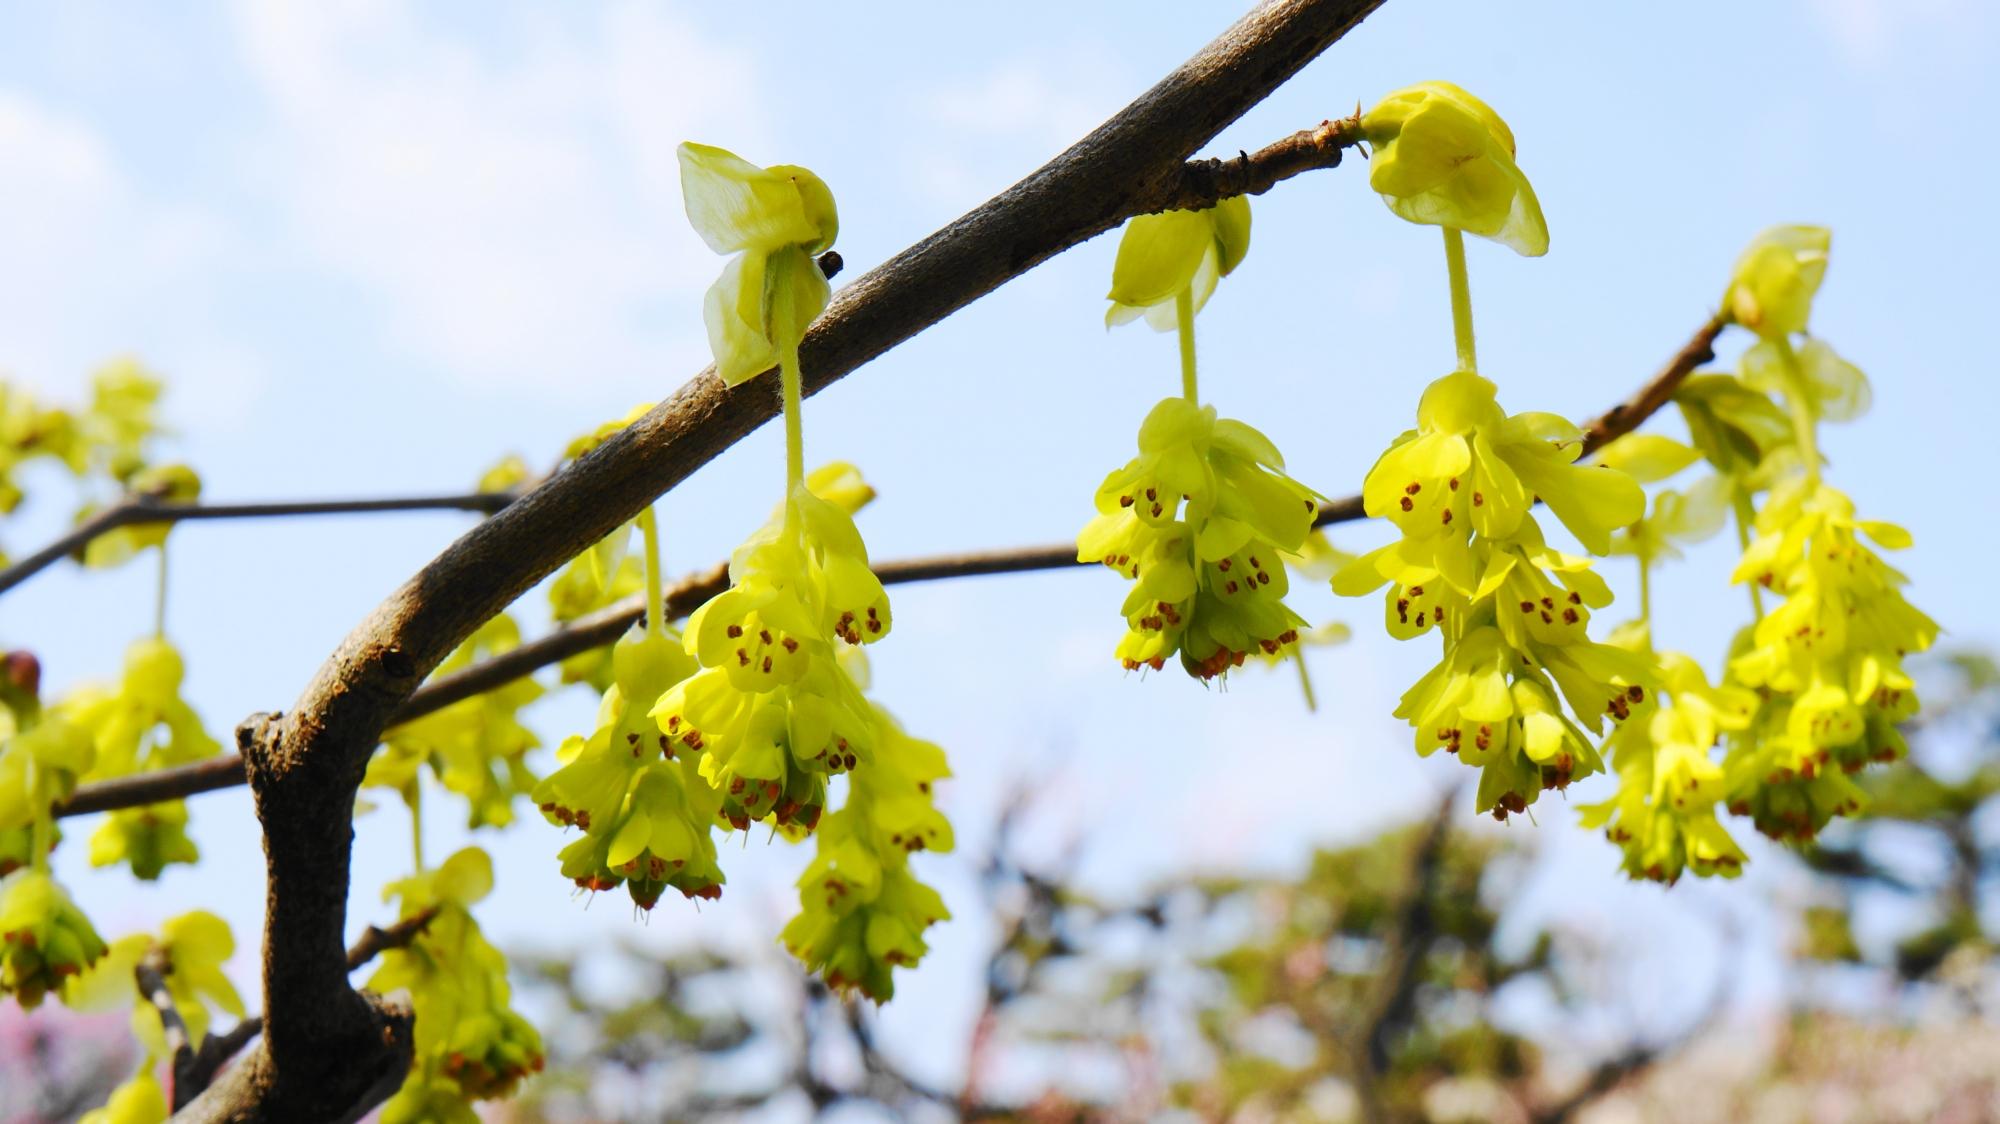 枝からぶら下がるように咲く可愛い花